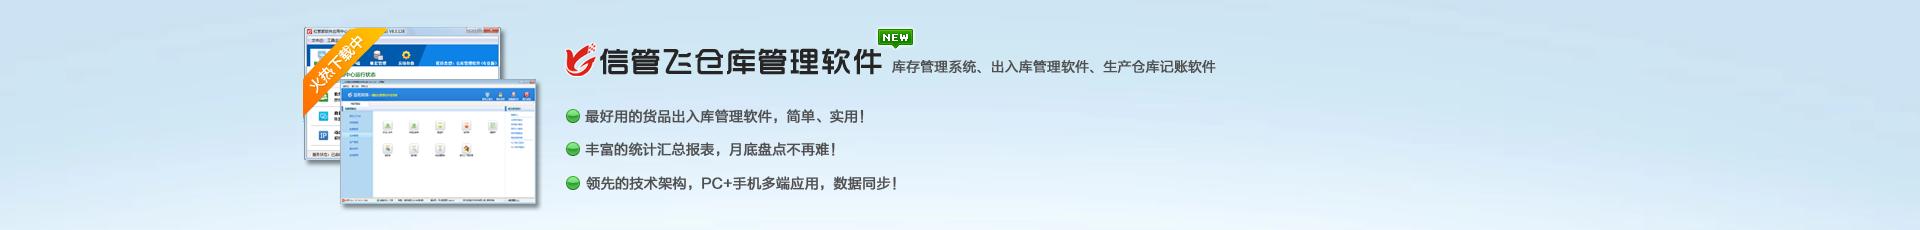 信管飞仓库管理软件V9.1.396发布